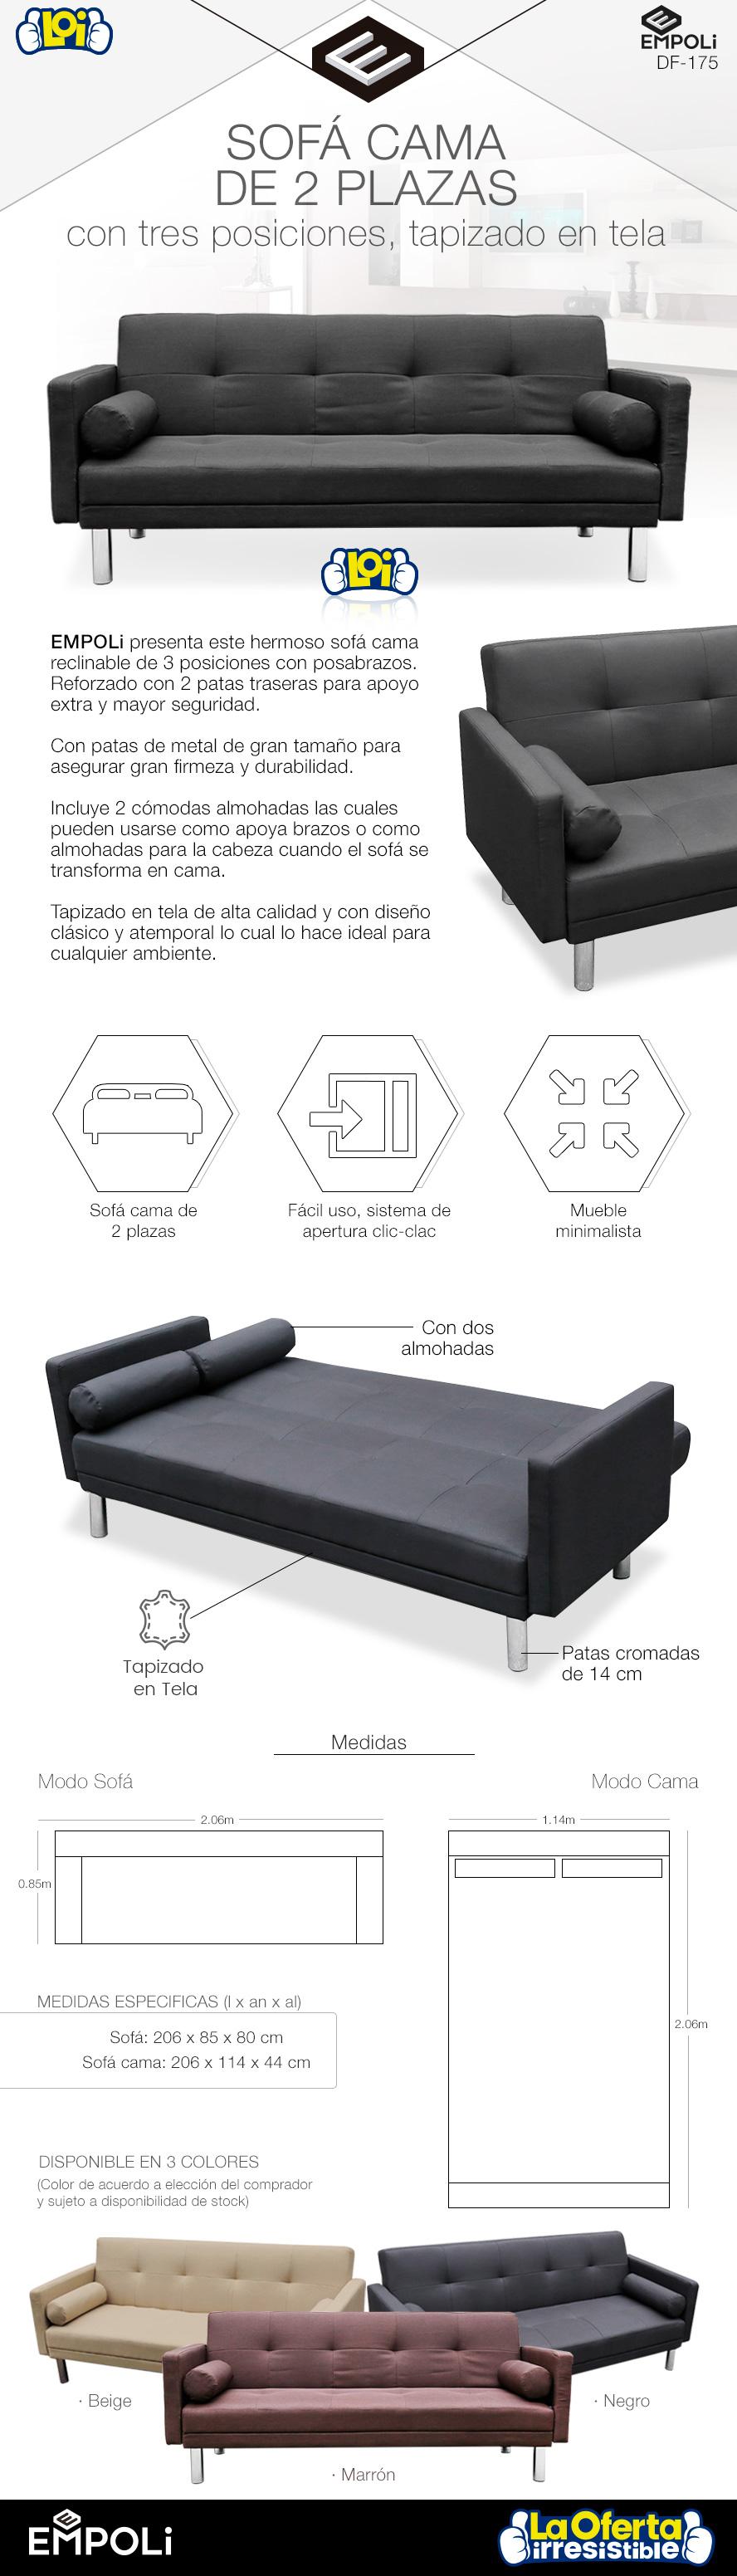 Sof cama empoli 2 plazas y 3 posiciones negro f175 - Medidas sofa cama 2 plazas ...